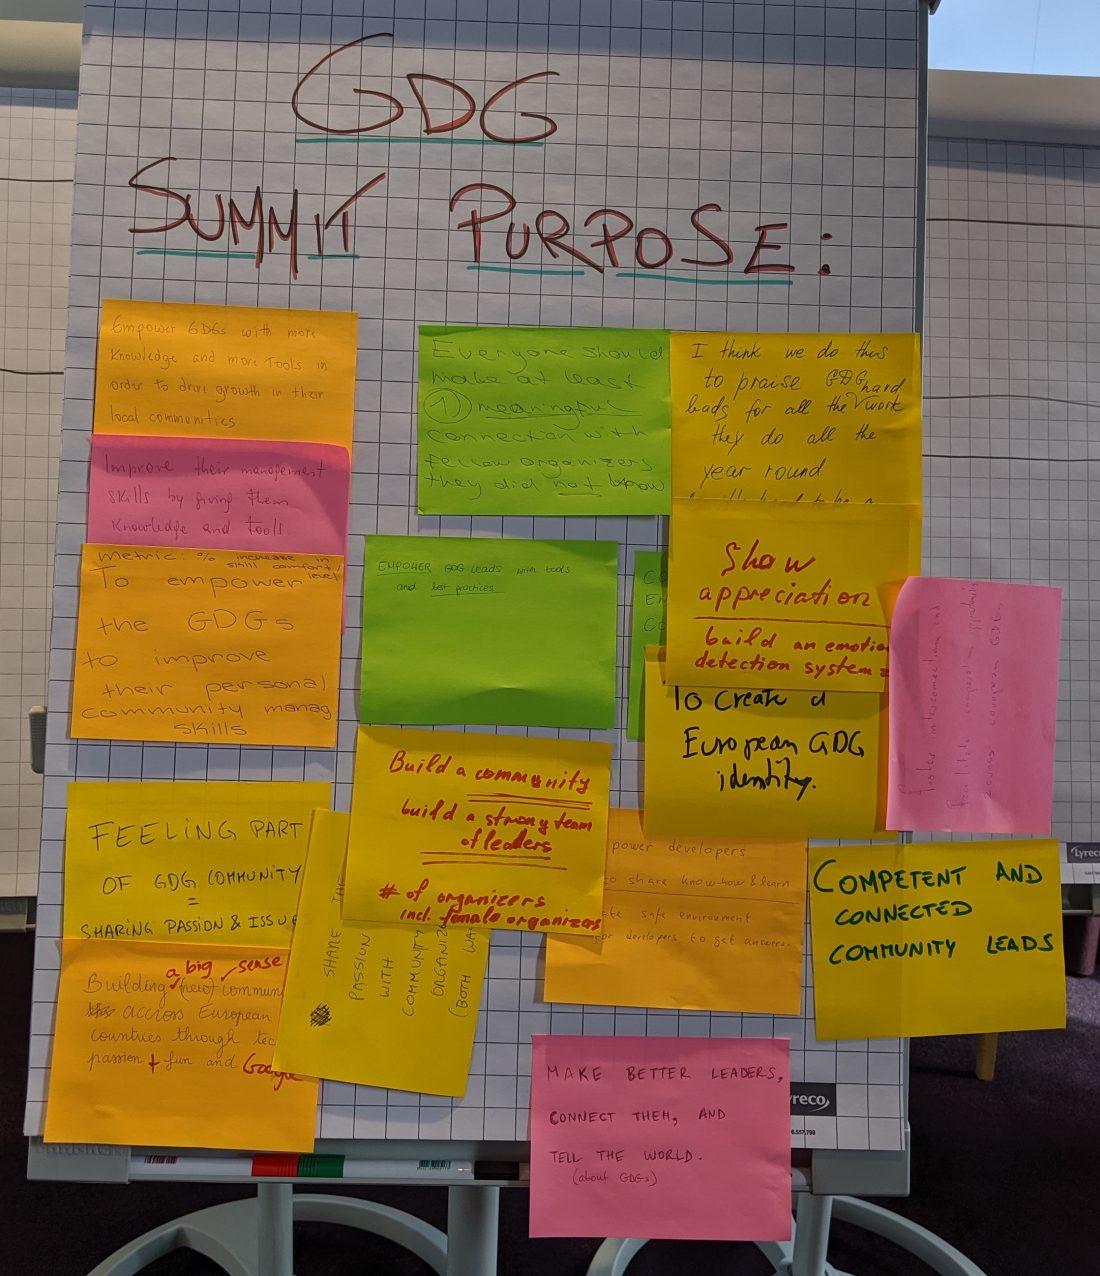 GDG Summit Purposes